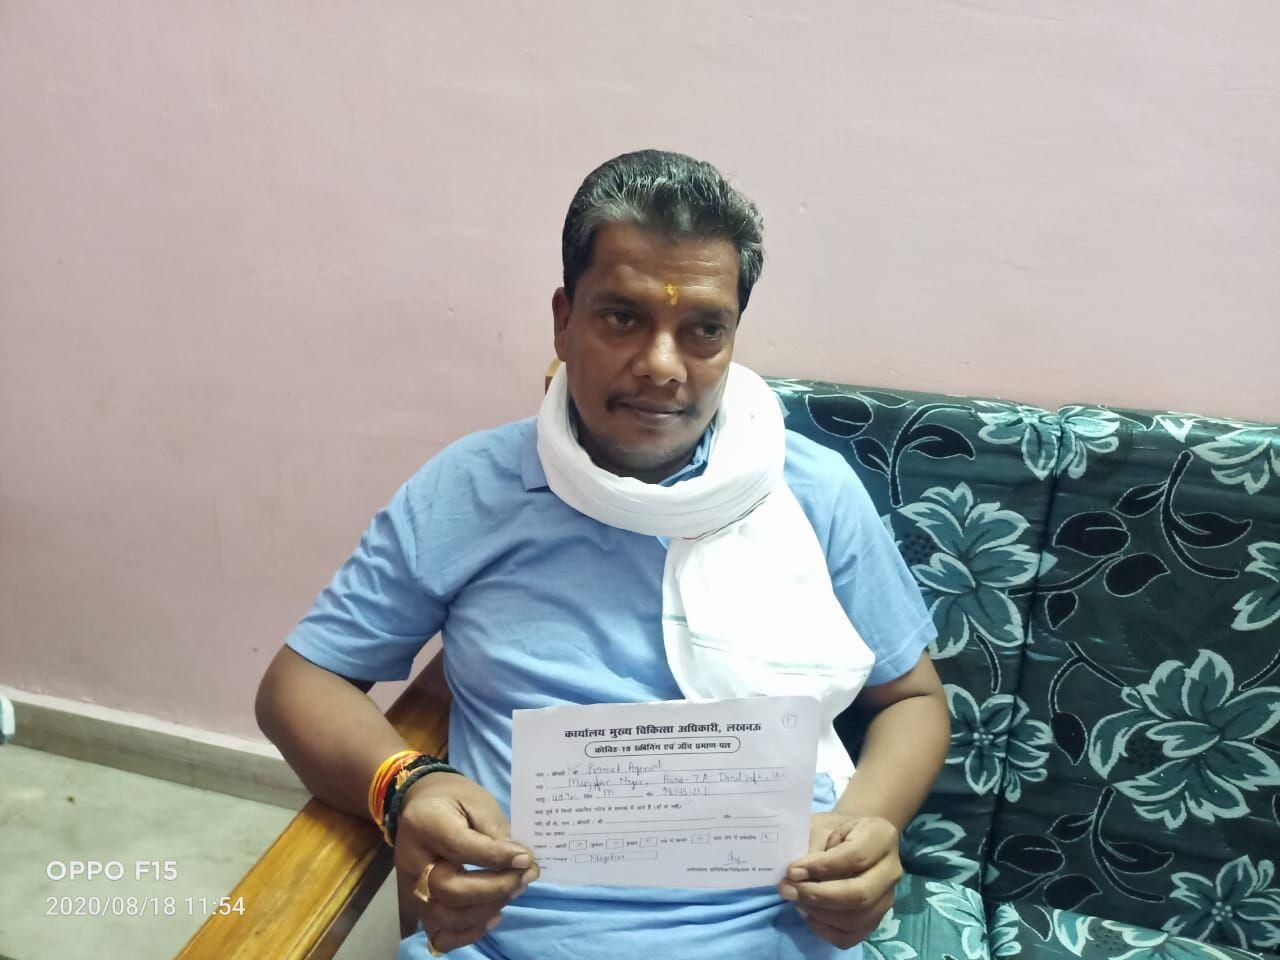 विधानसभा सत्र से पहले विधायक प्रमोद उटवाल ने कराया टेस्ट, रिपोर्ट आई निगेटिव